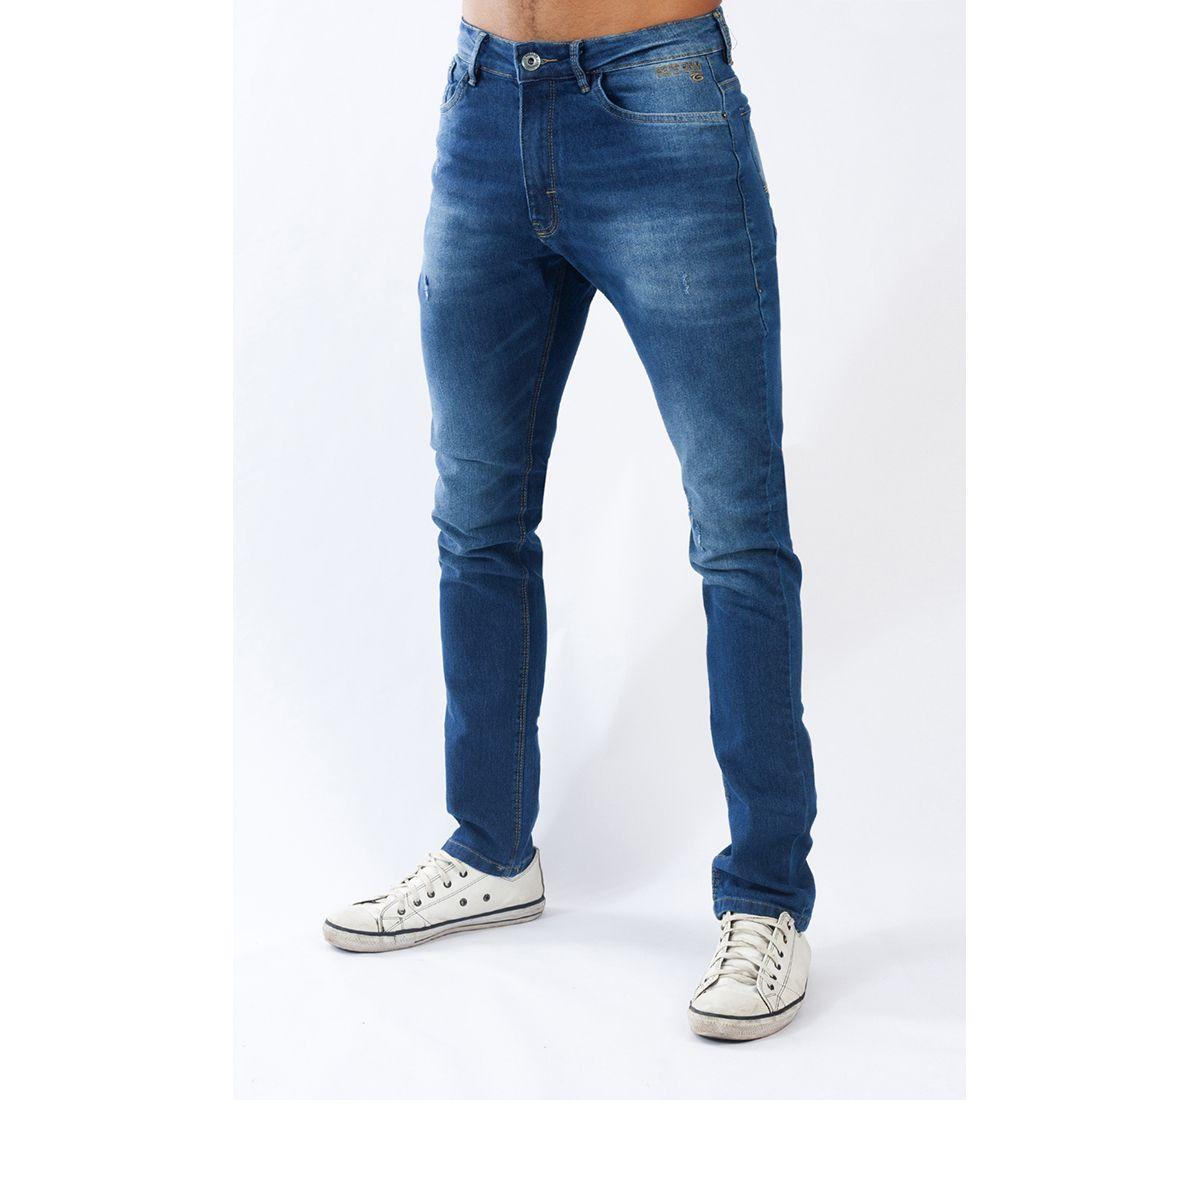 Calça Masculina Jeans Gangster 19.37.0830